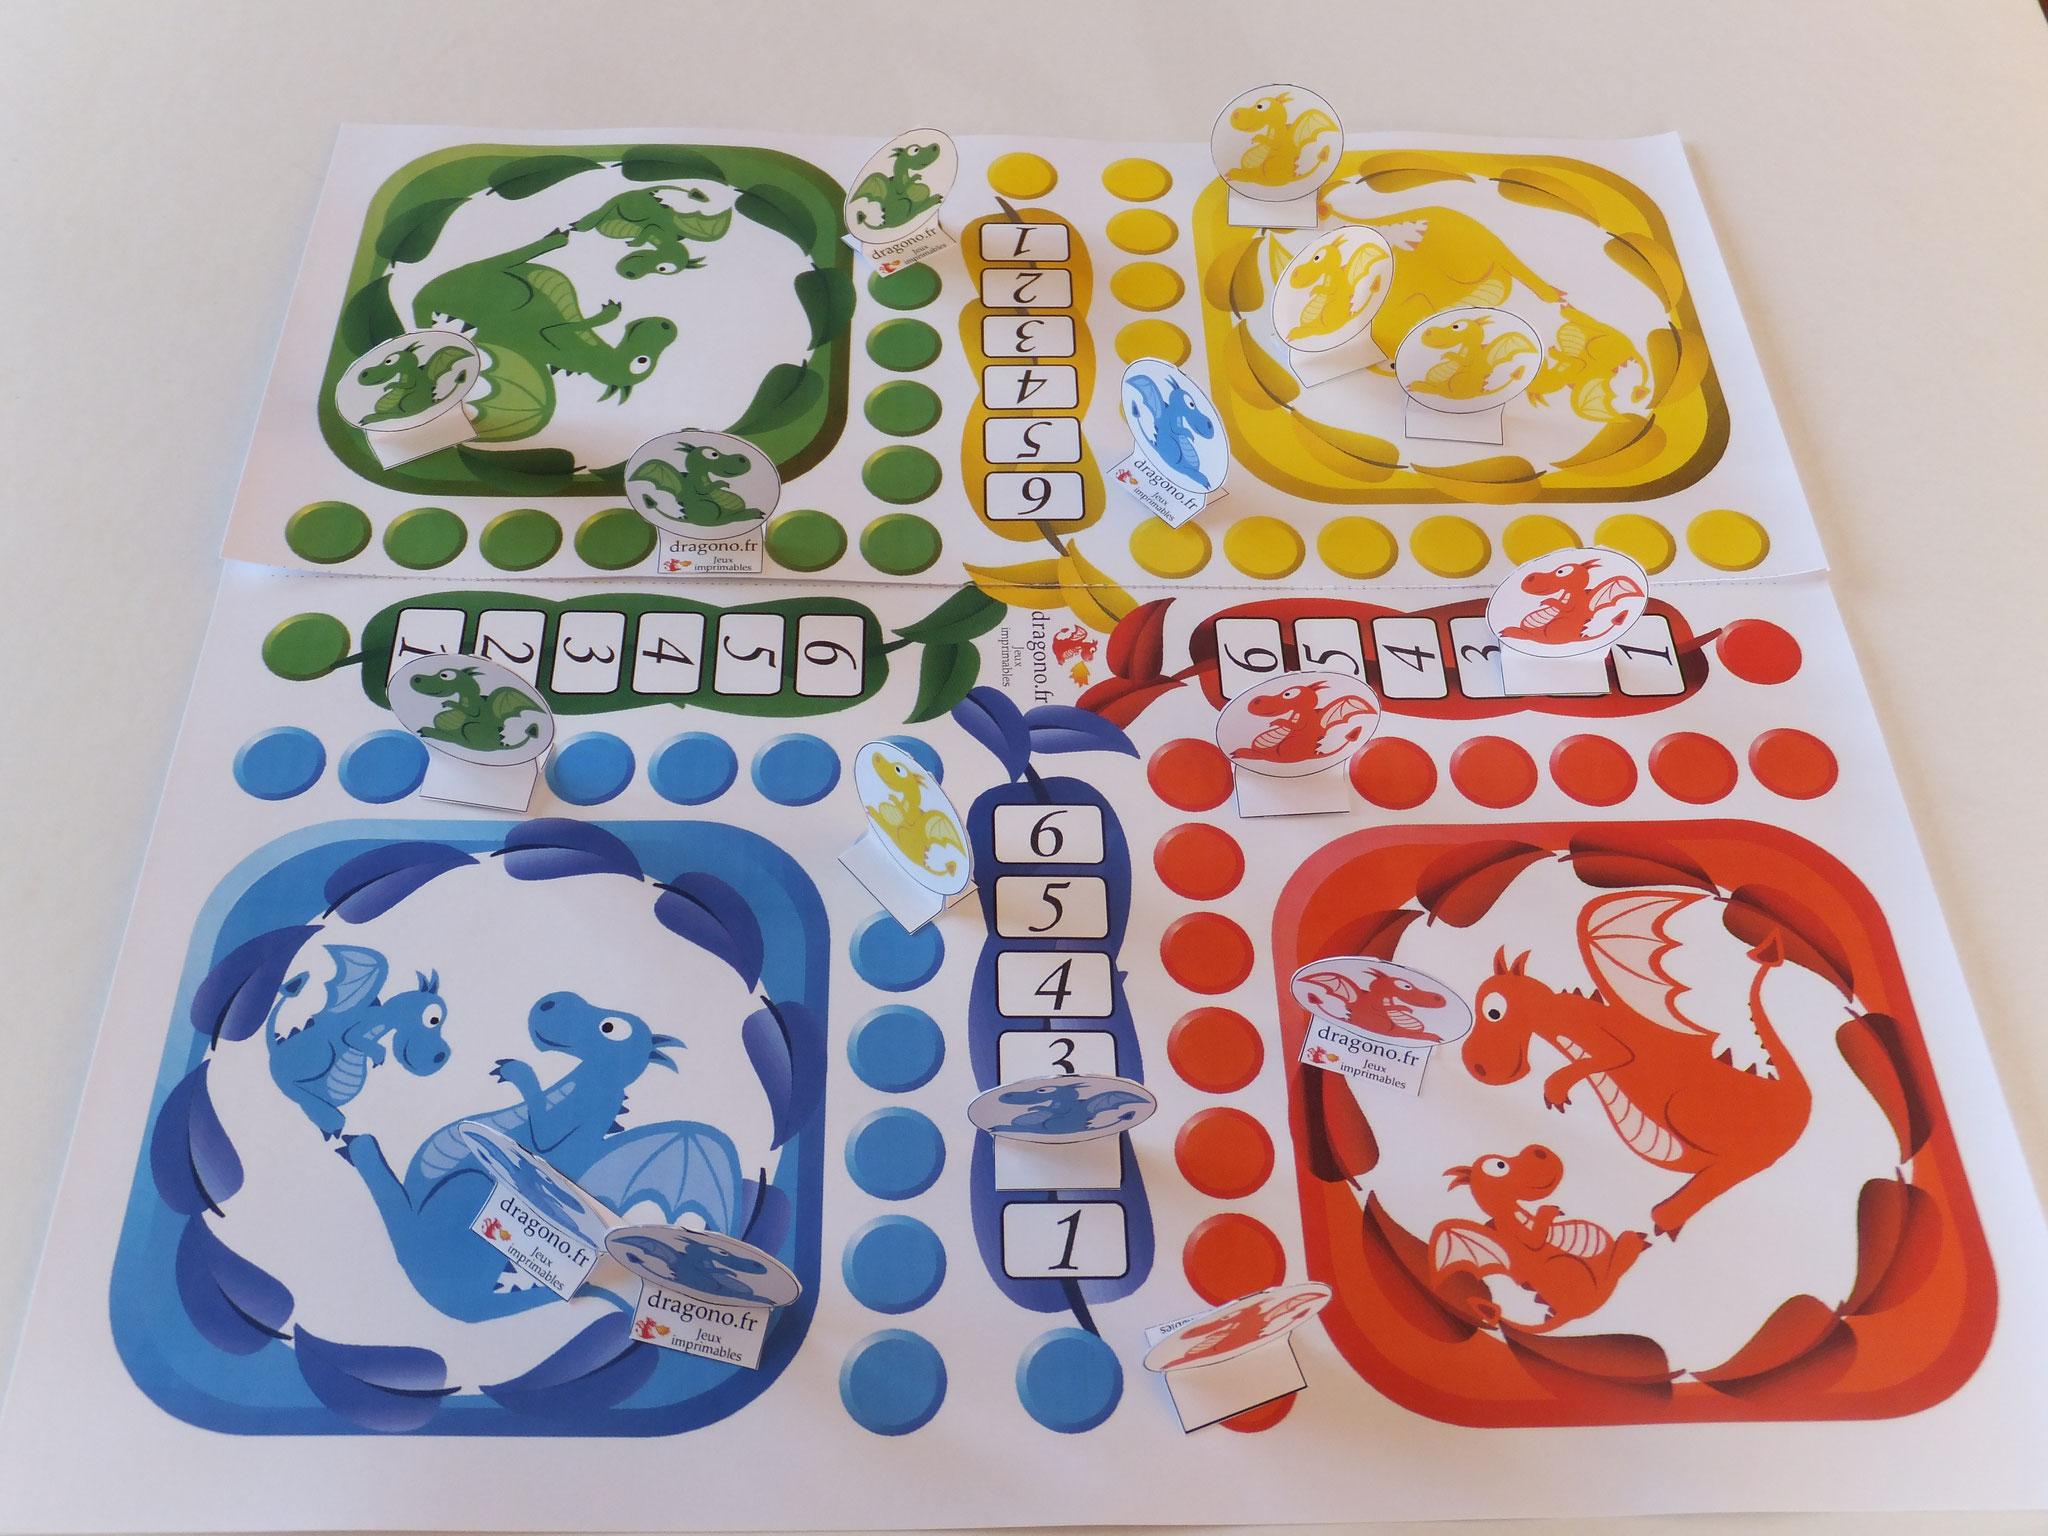 Jeux A Imprimer Pour Enfants, Famille, Ludiques, Éducatifs tout Jeux Pour Enfant 7 Ans